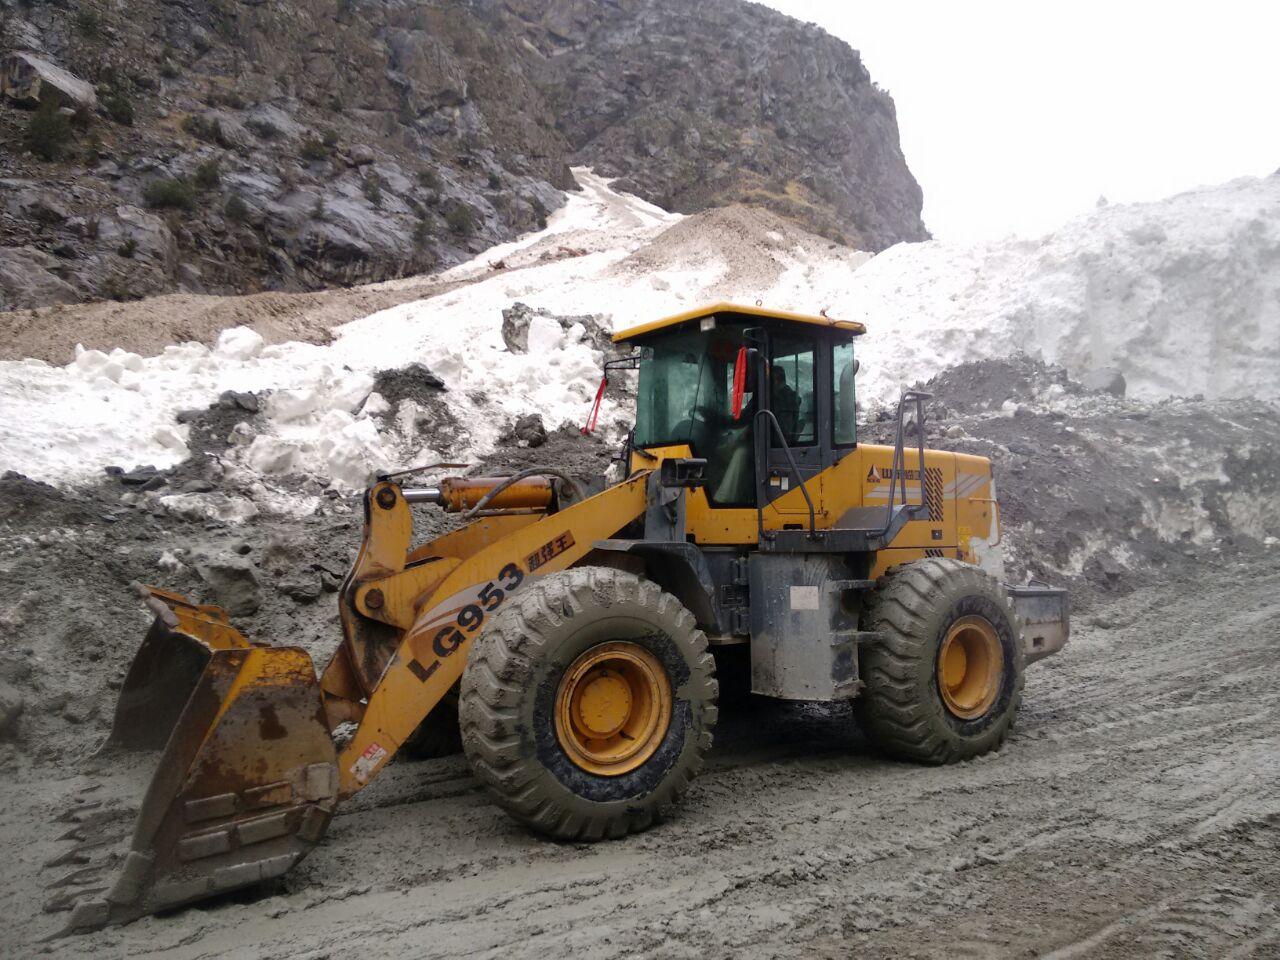 Work on opening of Naltar road underway